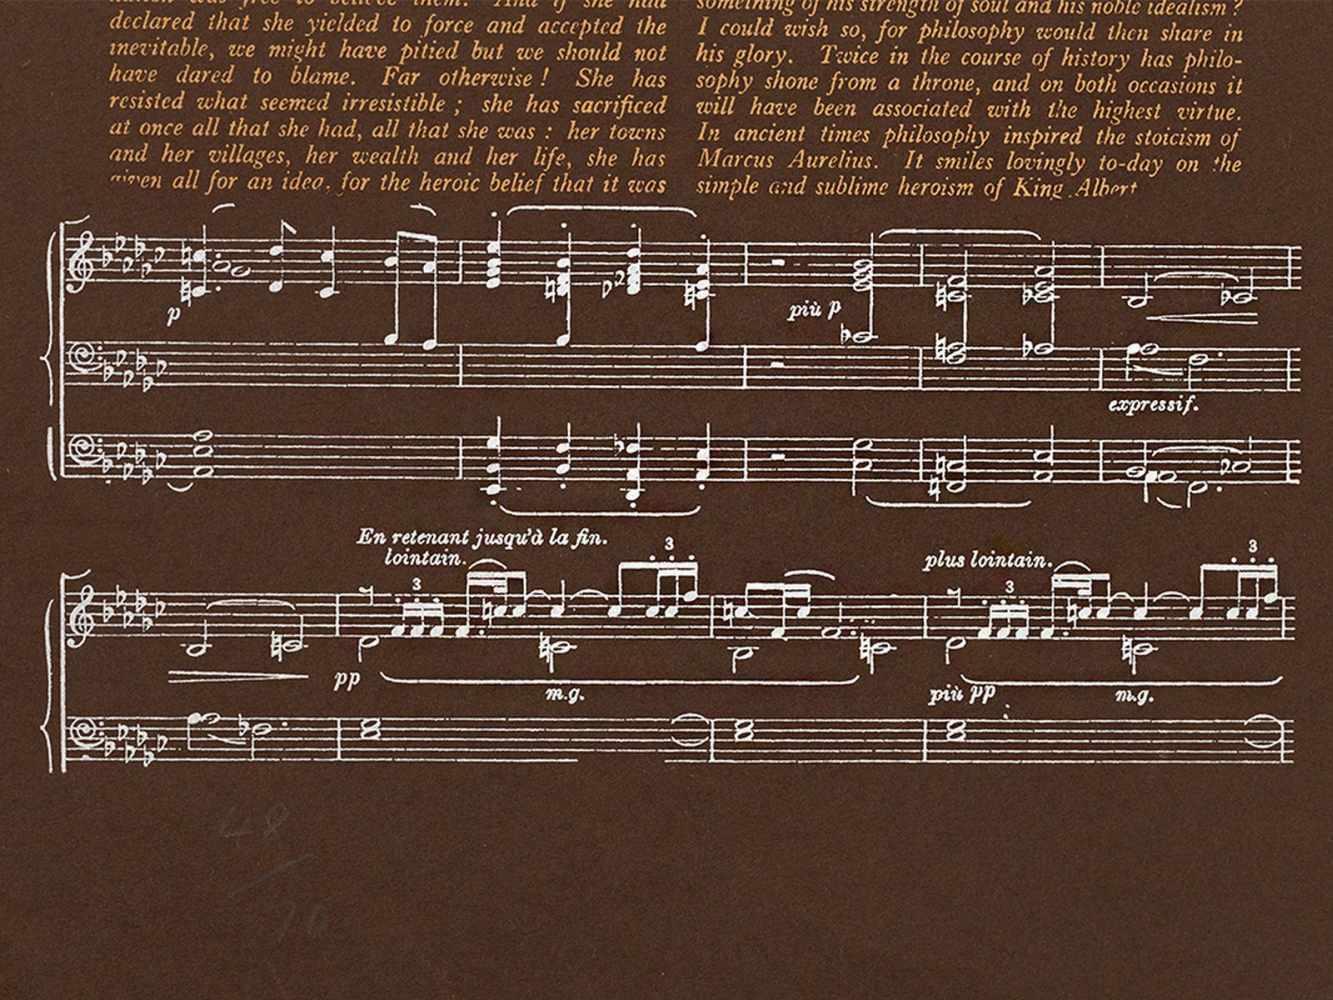 R.B. Kitaj, Heart, Serigraph in Colors, 1966 - Image 7 of 8